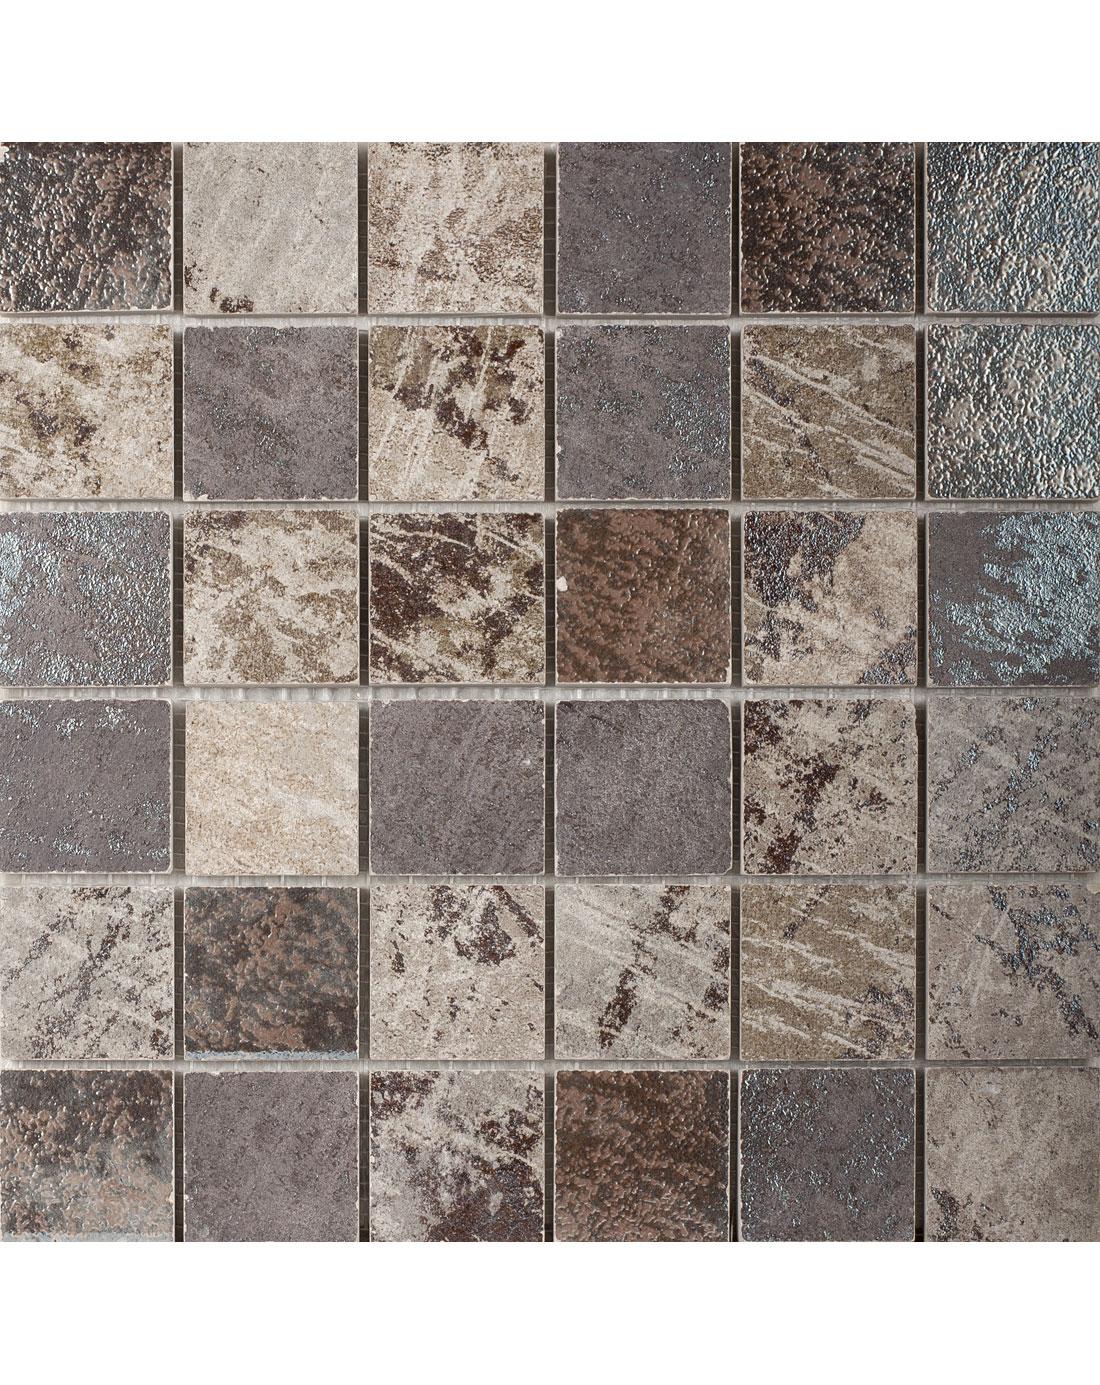 Metallica Multicolour Mosaic Wall Tiles Bathroom Tiles Direct